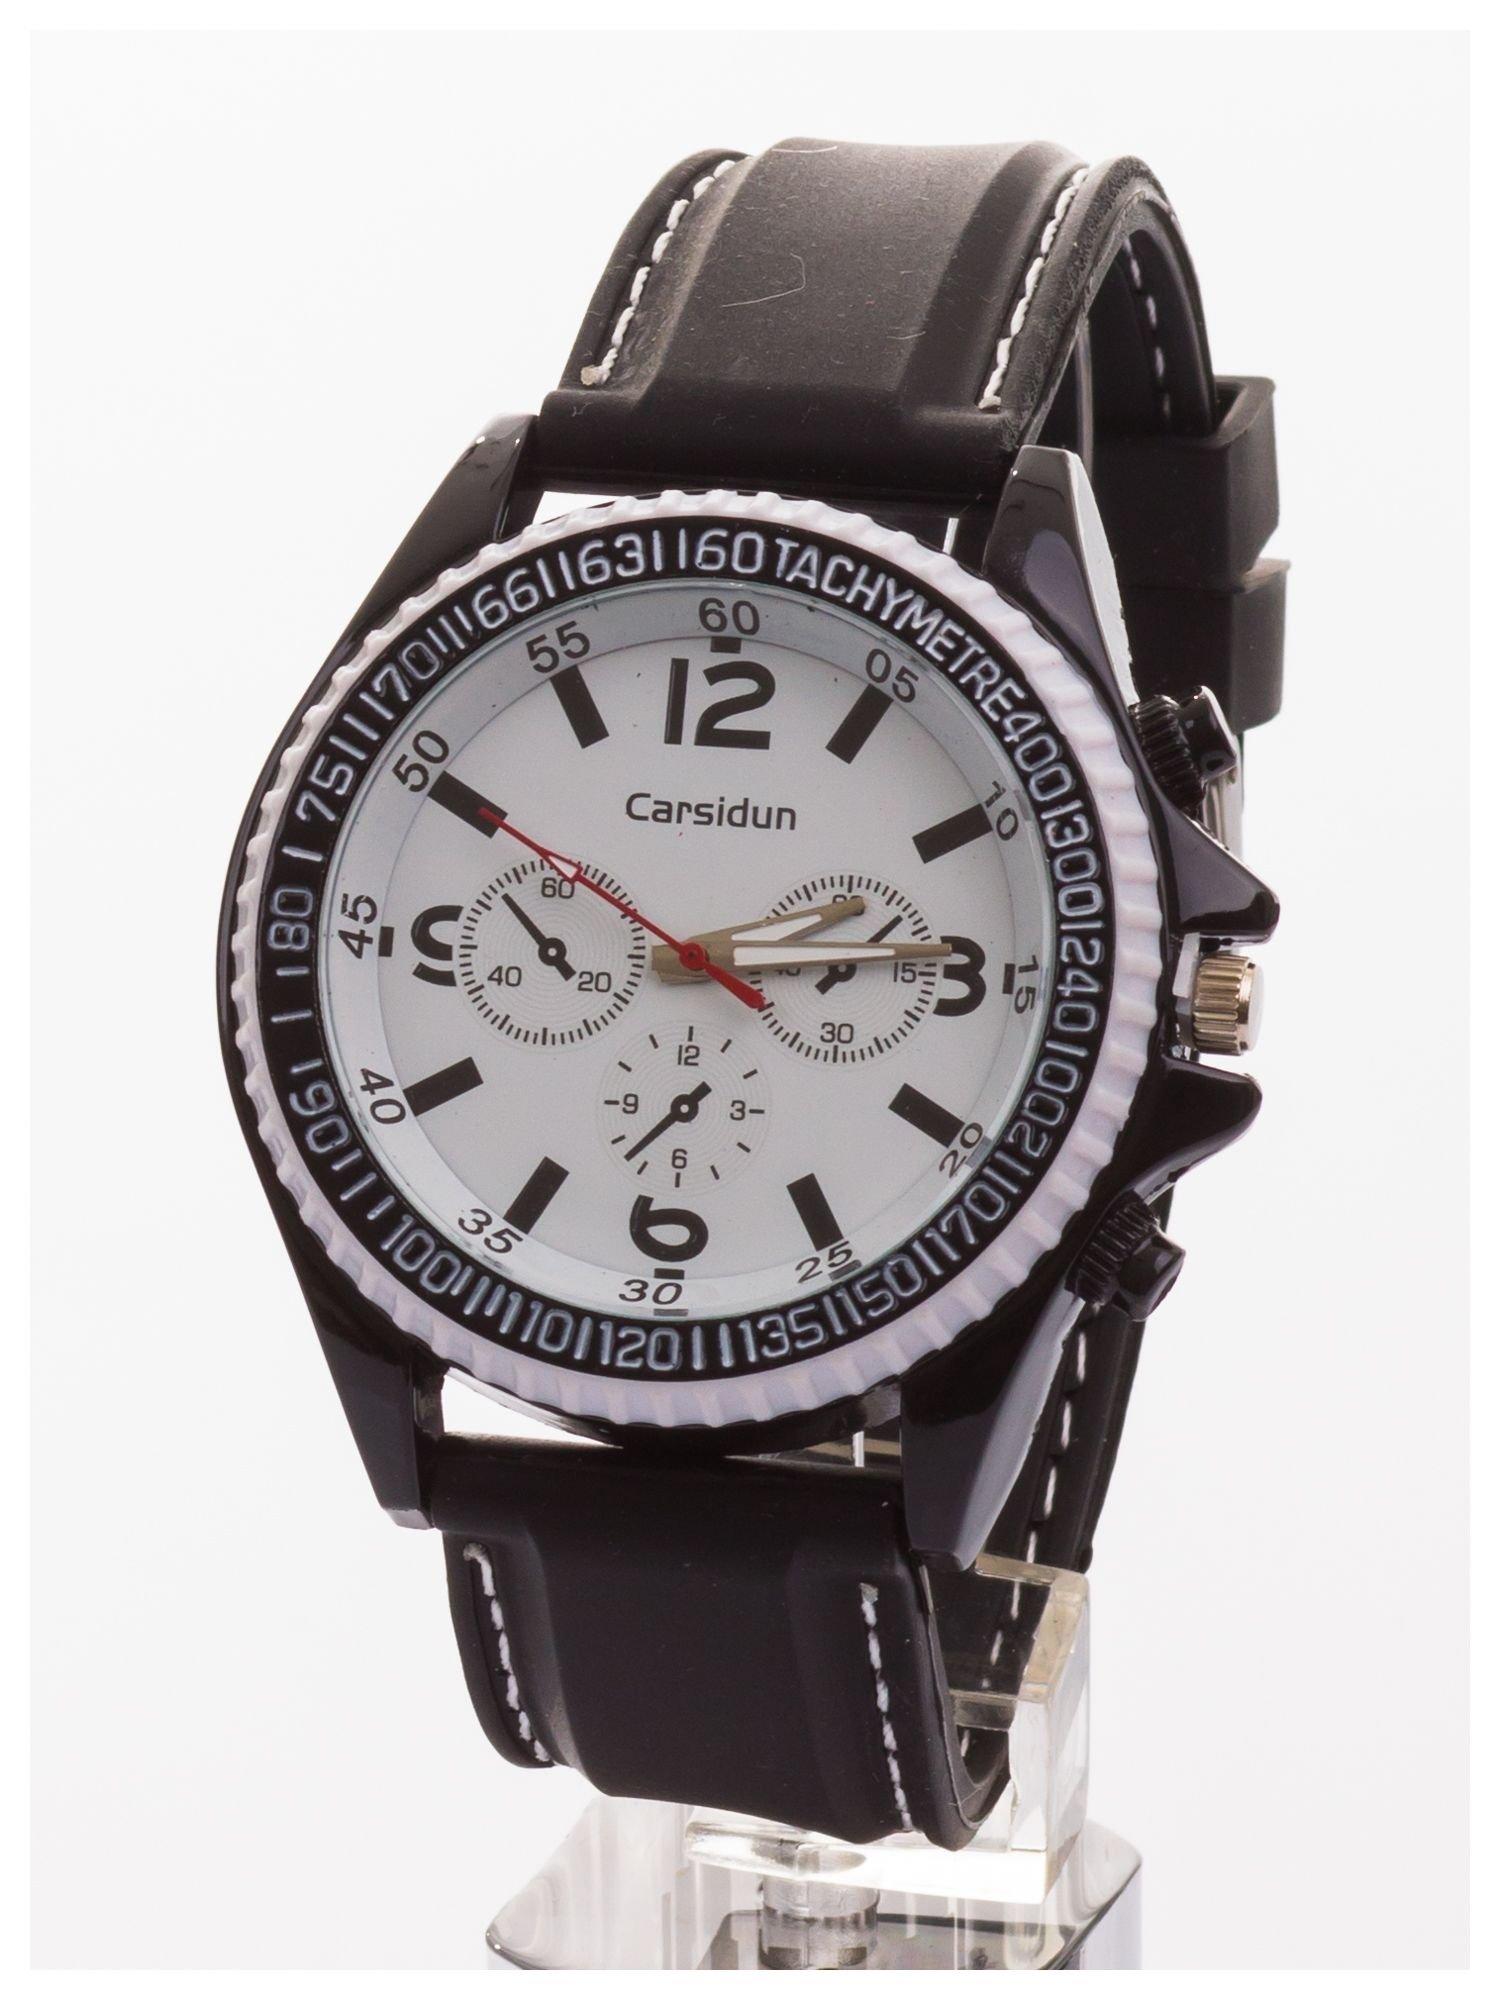 CARSIDUN Duży męski zegarek z ozdobnym chronometrem i tachometrem                                  zdj.                                  1